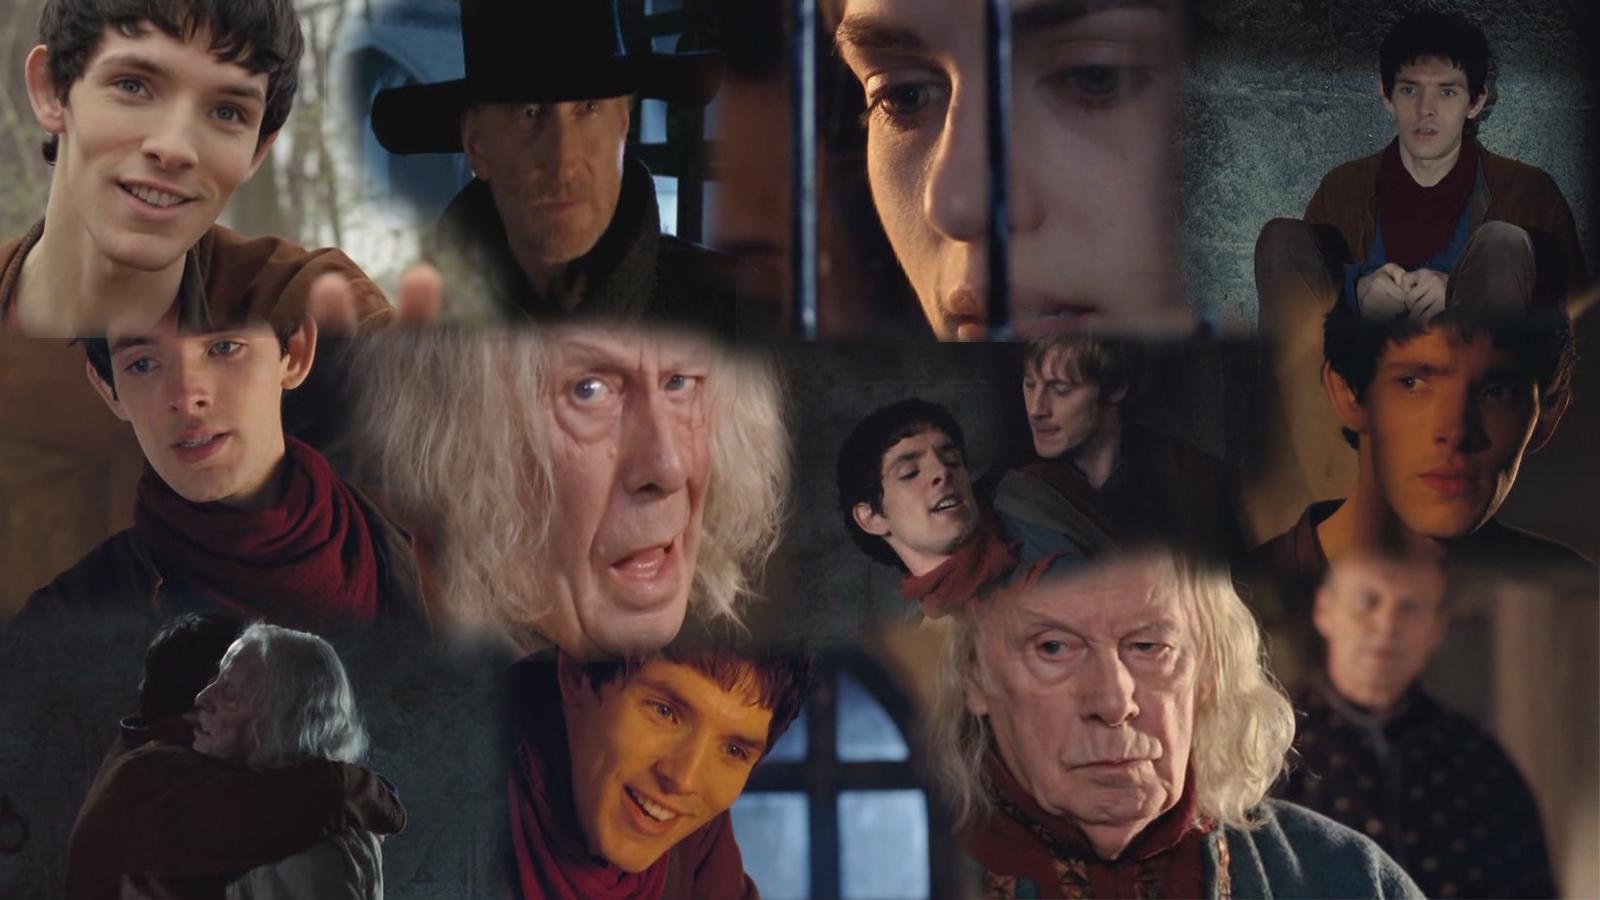 Merlin Season 2 Episode 7 Wallpaper - Merlin Characters